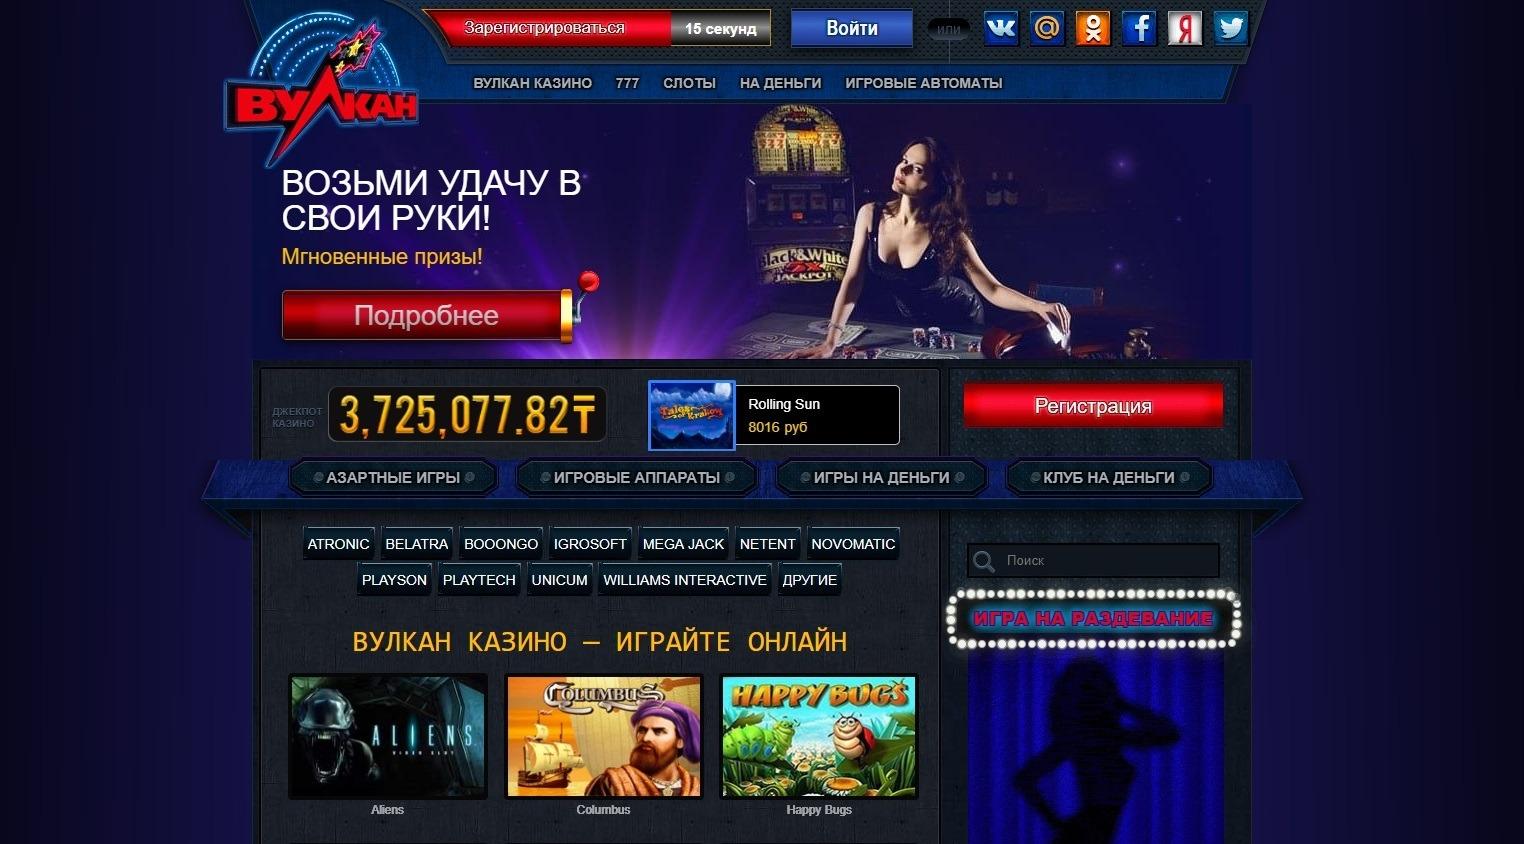 казино вулкан играть на деньги официальный сайт